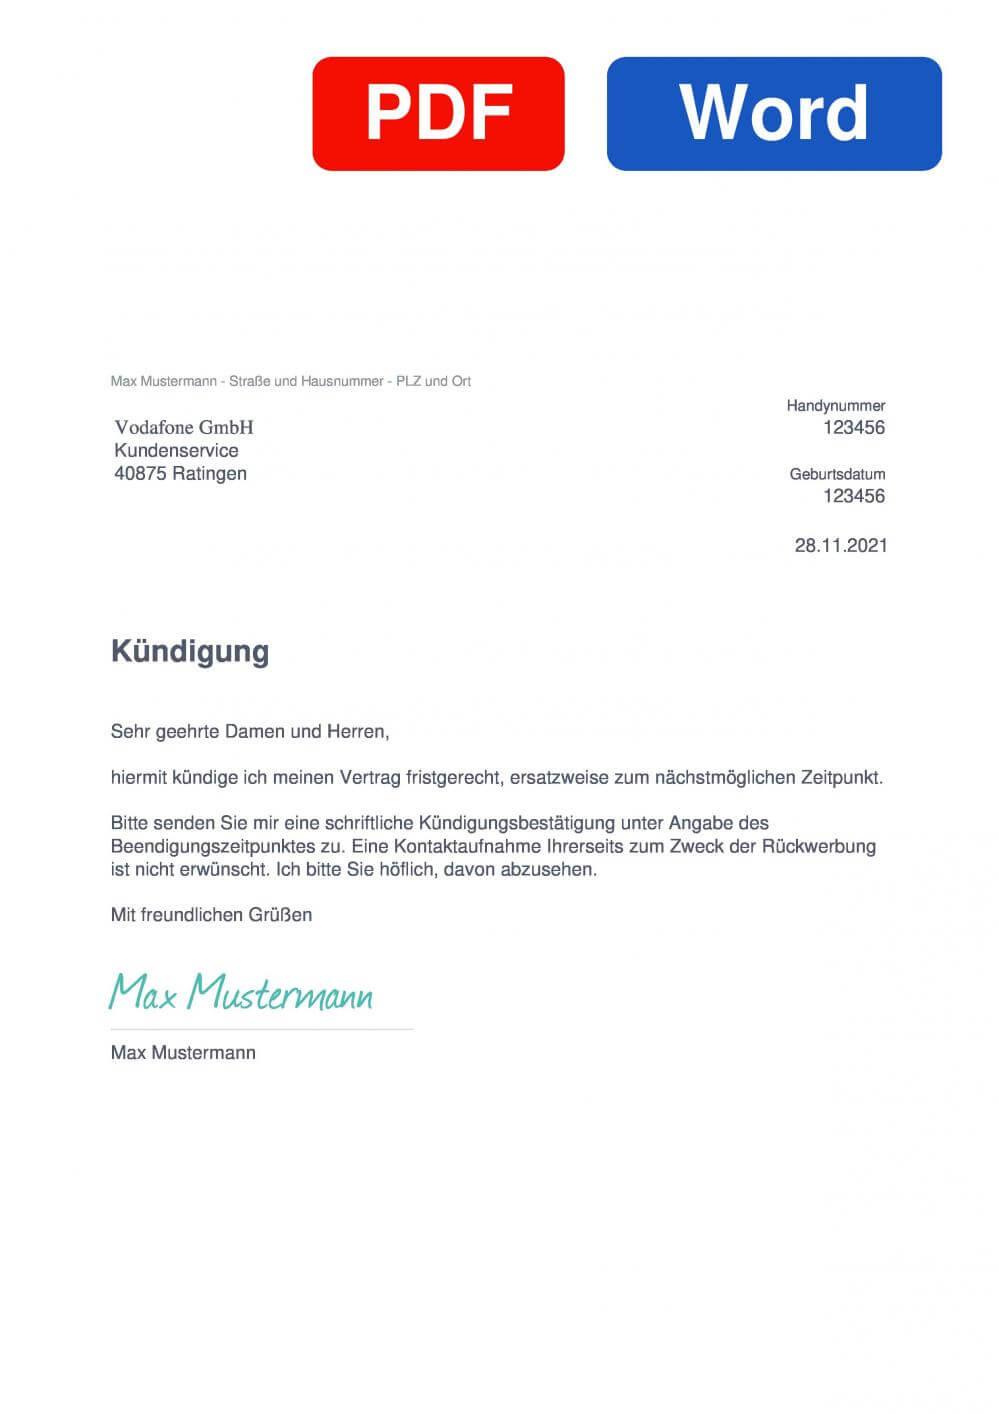 Vodafone Handyvertrag Muster Vorlage für Kündigungsschreiben